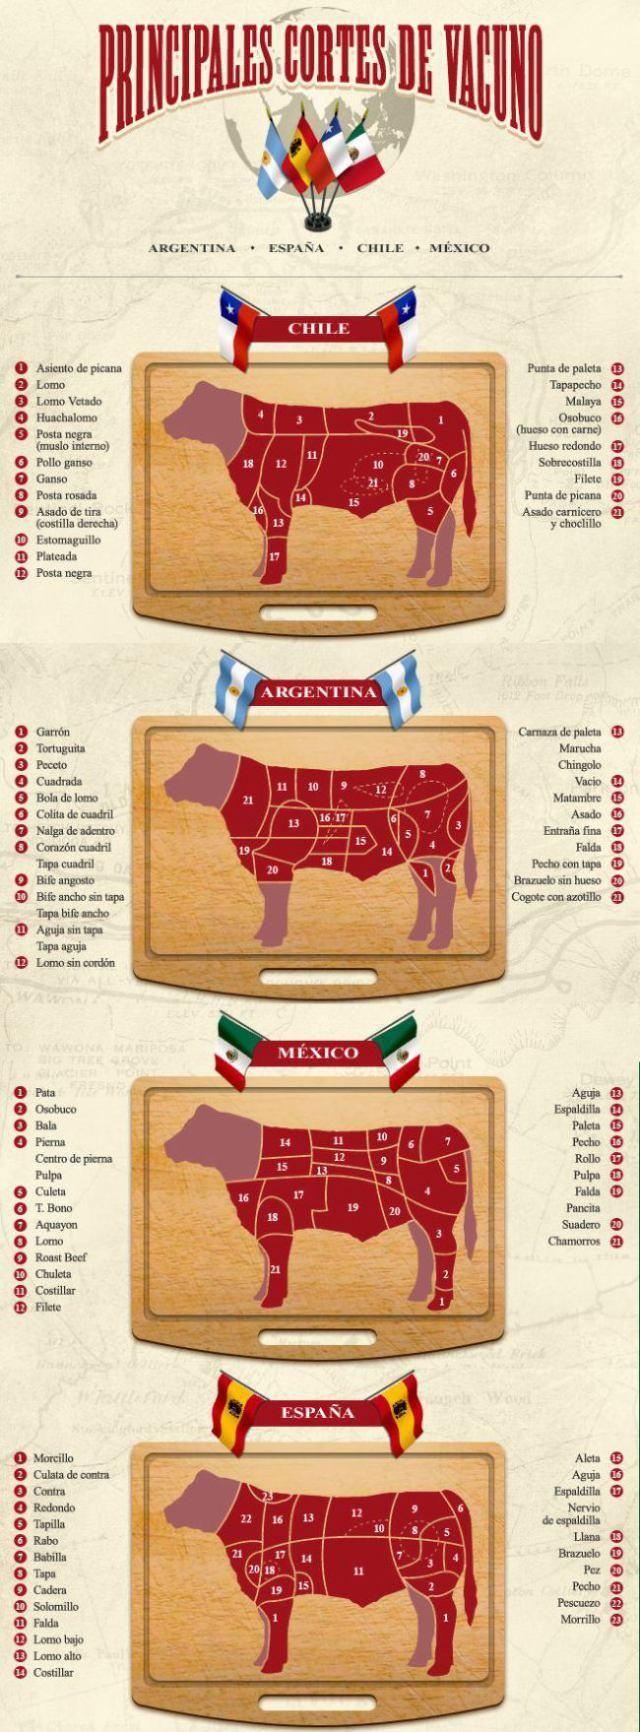 Cortes y tipos de carnes (res) por paises